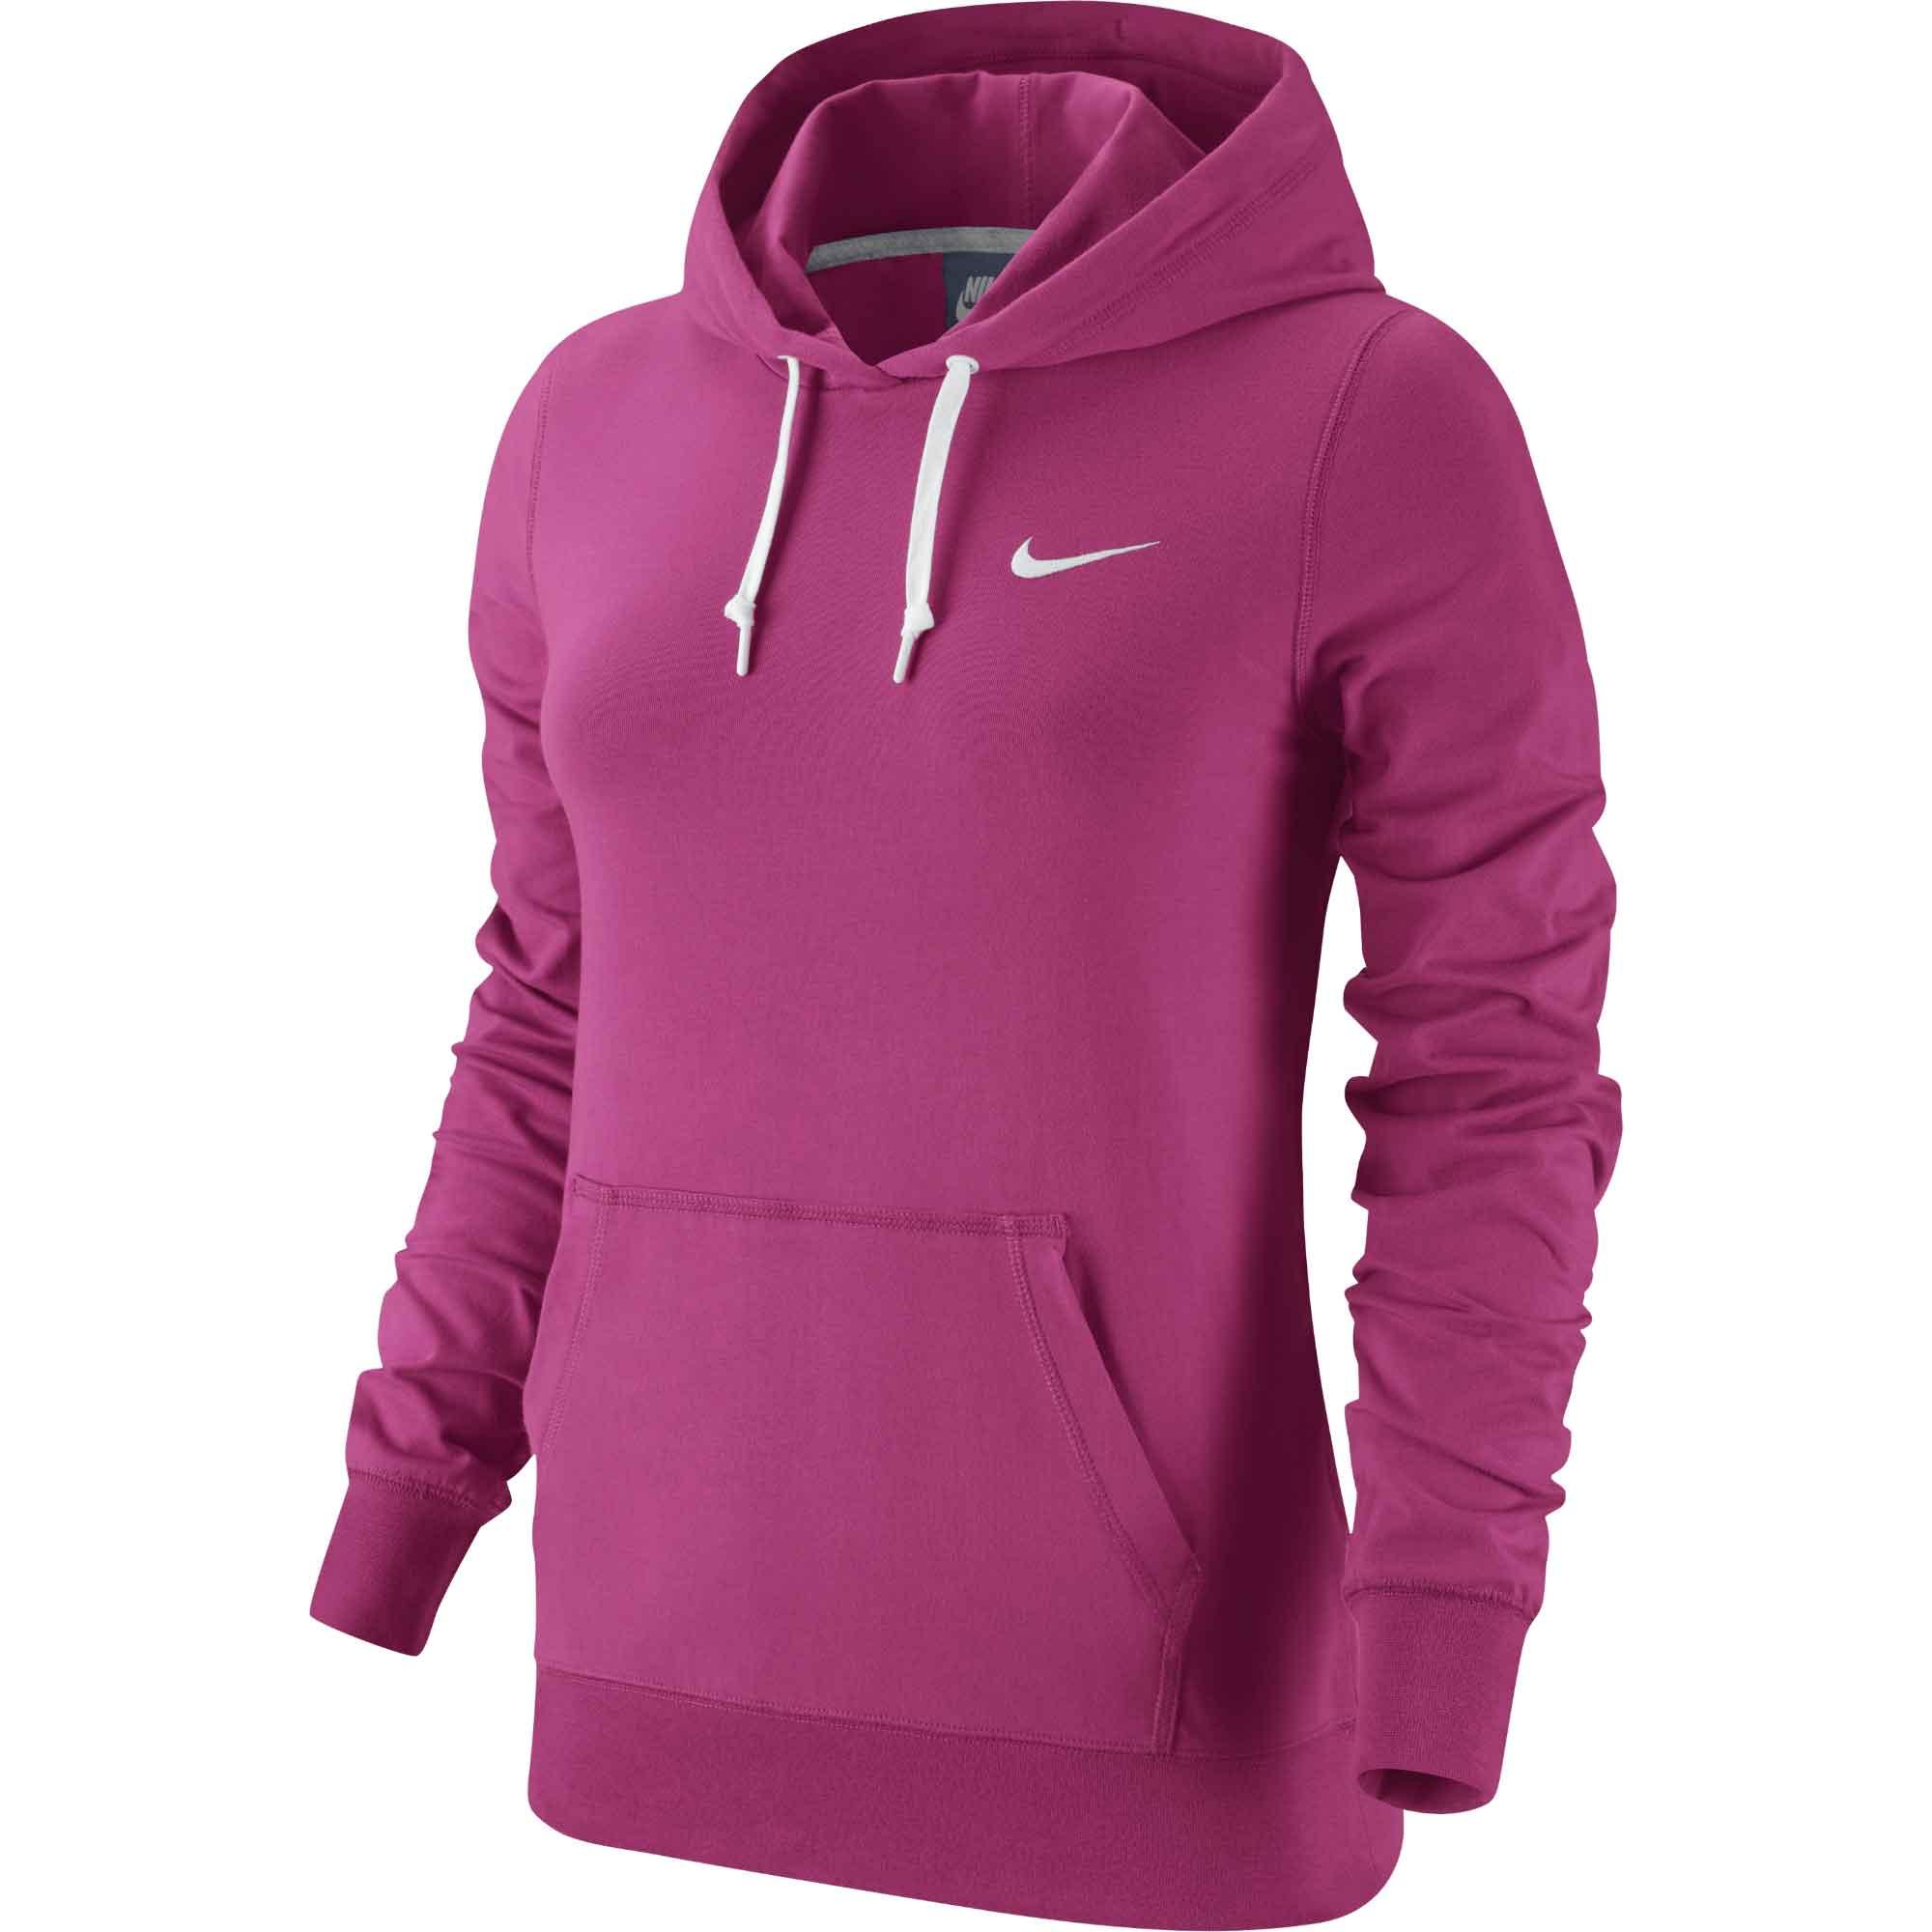 Nike jersey hoody dame trøje fra Nike på billigsport24